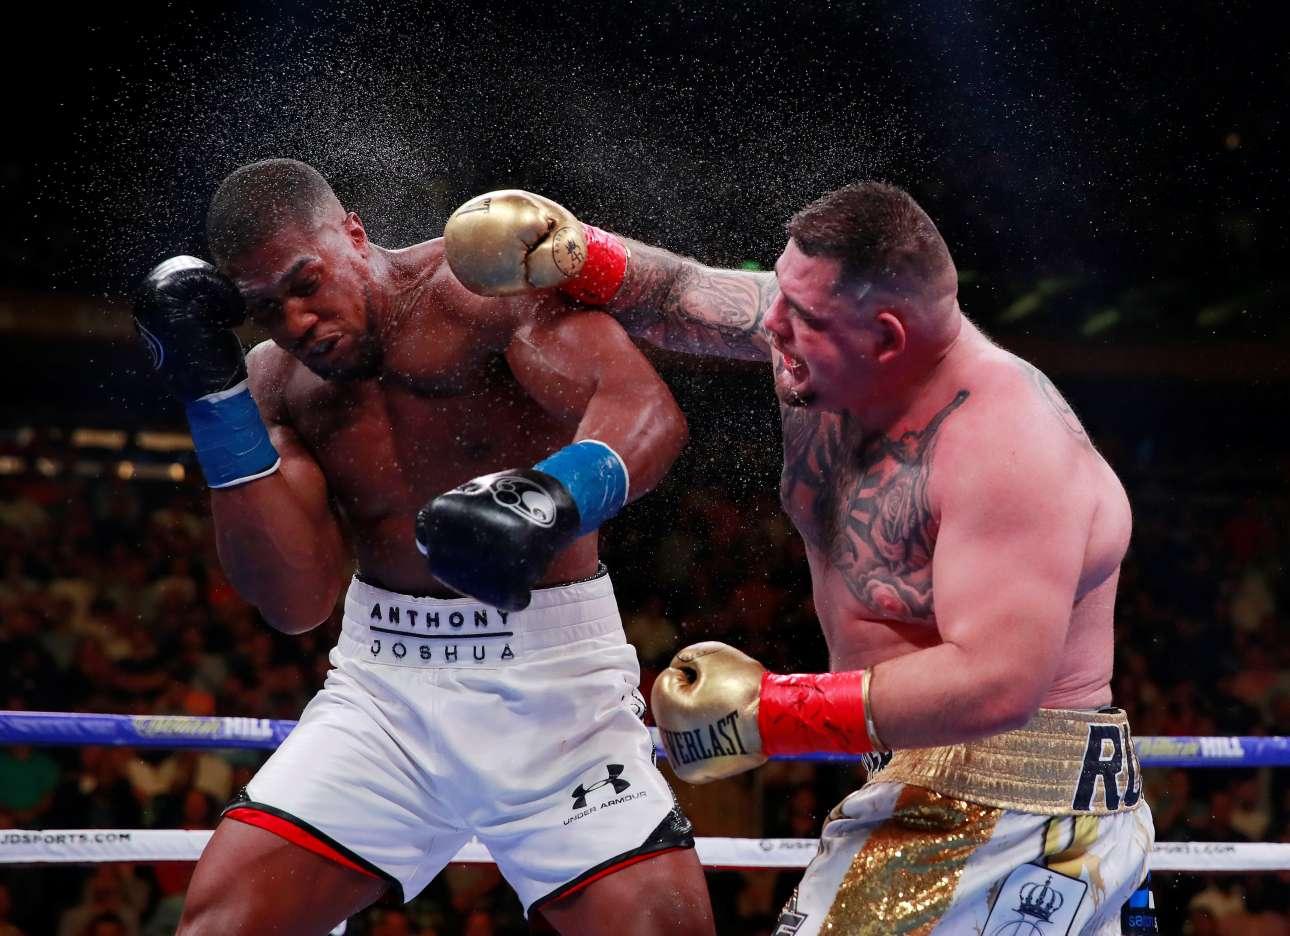 Μία από τις μεγαλύτερες εκπλήξεις των τελευταίων ετών στην παγκόσμια πυγμαχία έγινε τα ξημερώματα της Κυριακής, όταν ο Άντονι Τζόσουα (αριστερά) ηττήθηκε από τον Άντι Ρουίς(δεξιά)